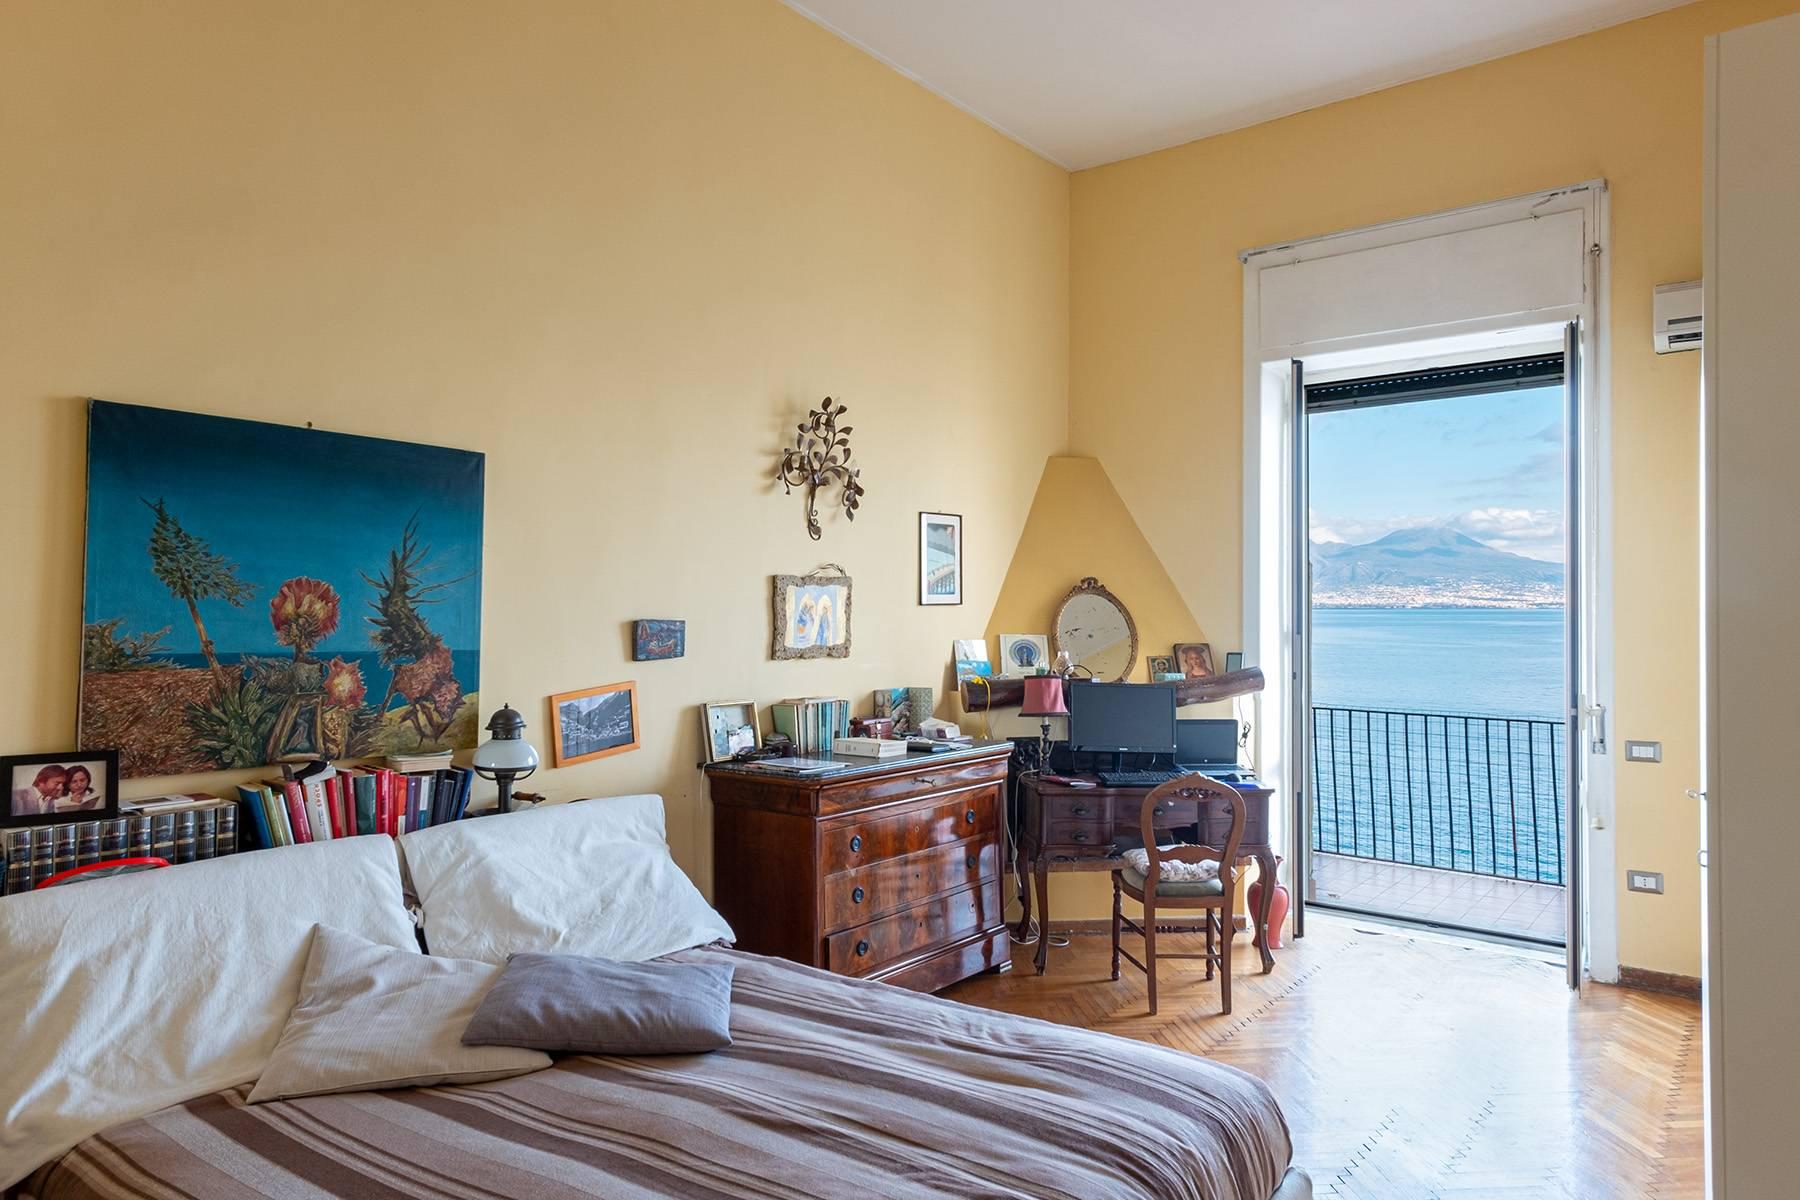 Attico in Vendita a Napoli: 5 locali, 650 mq - Foto 18